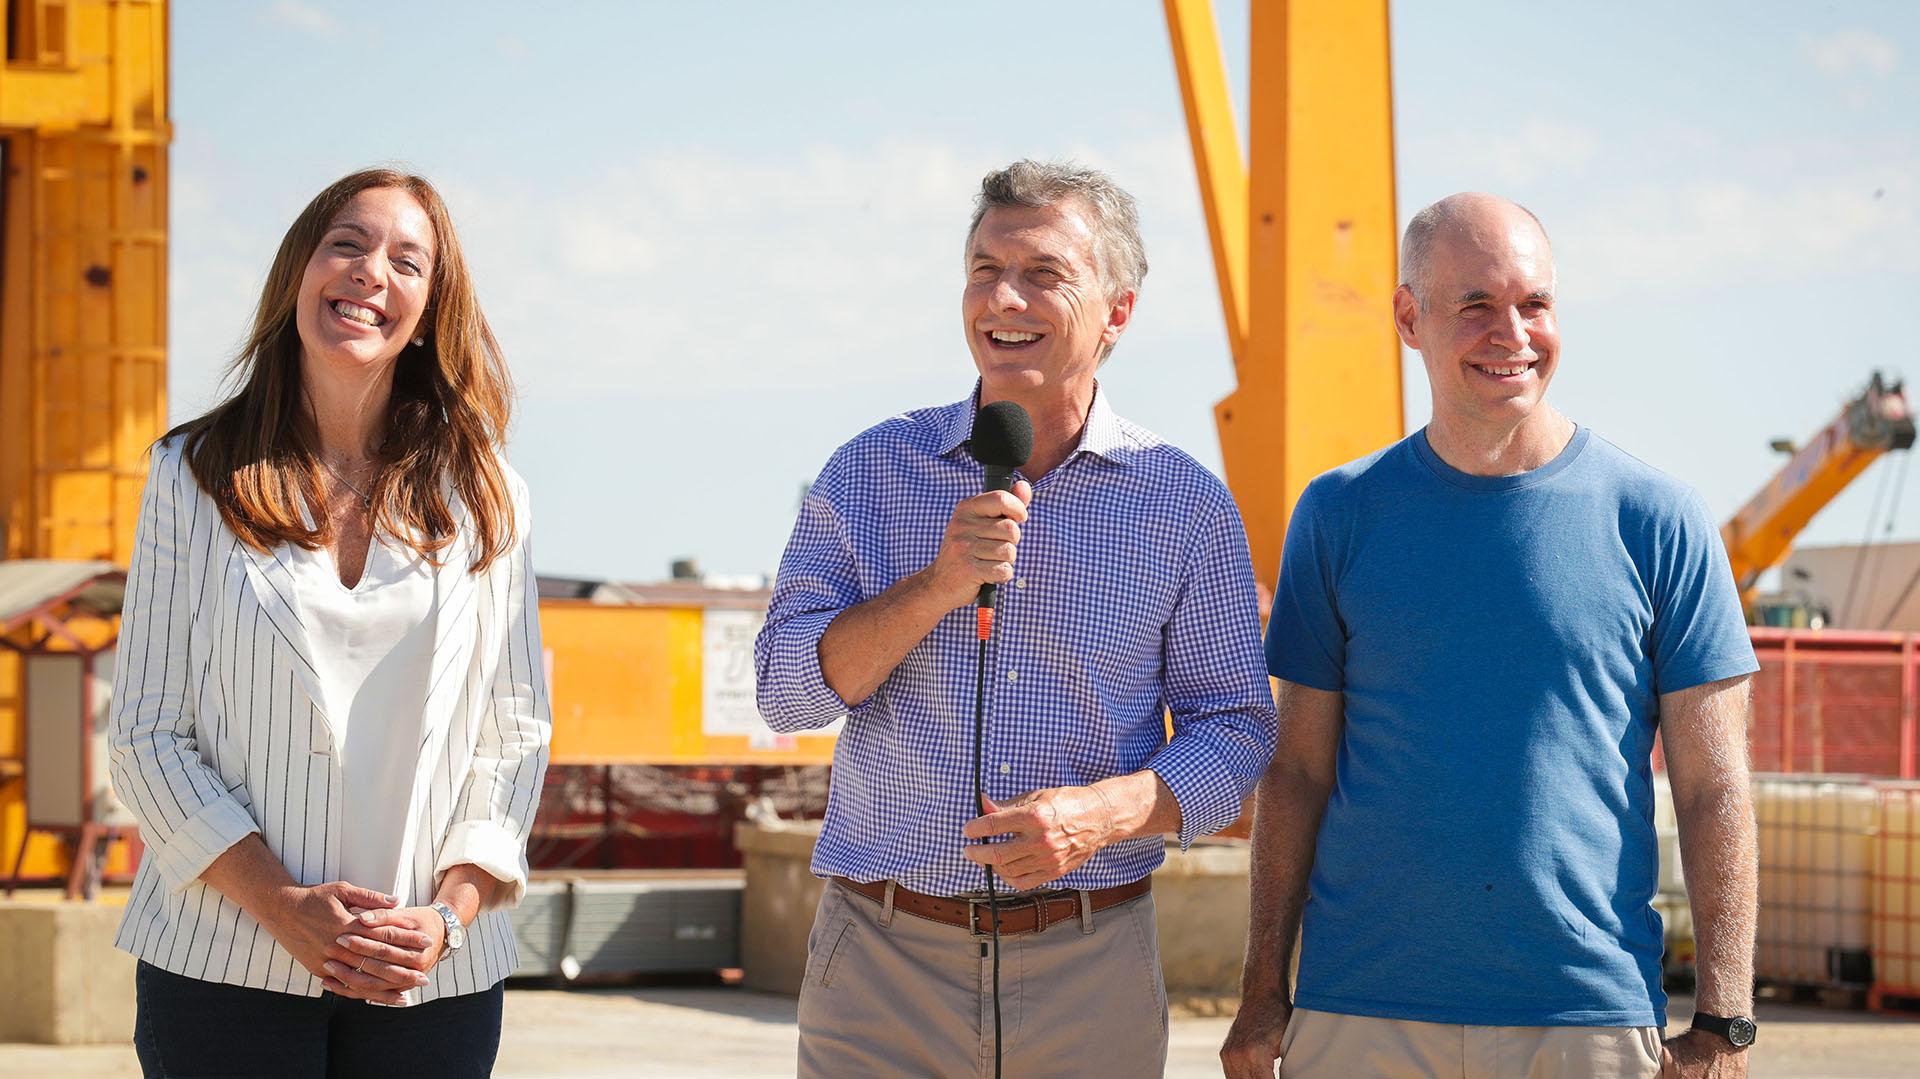 Vidal, Macri y Larreta, los tres candidatos de Cambiemos que buscarán la reelección(Prensa Presidencia)